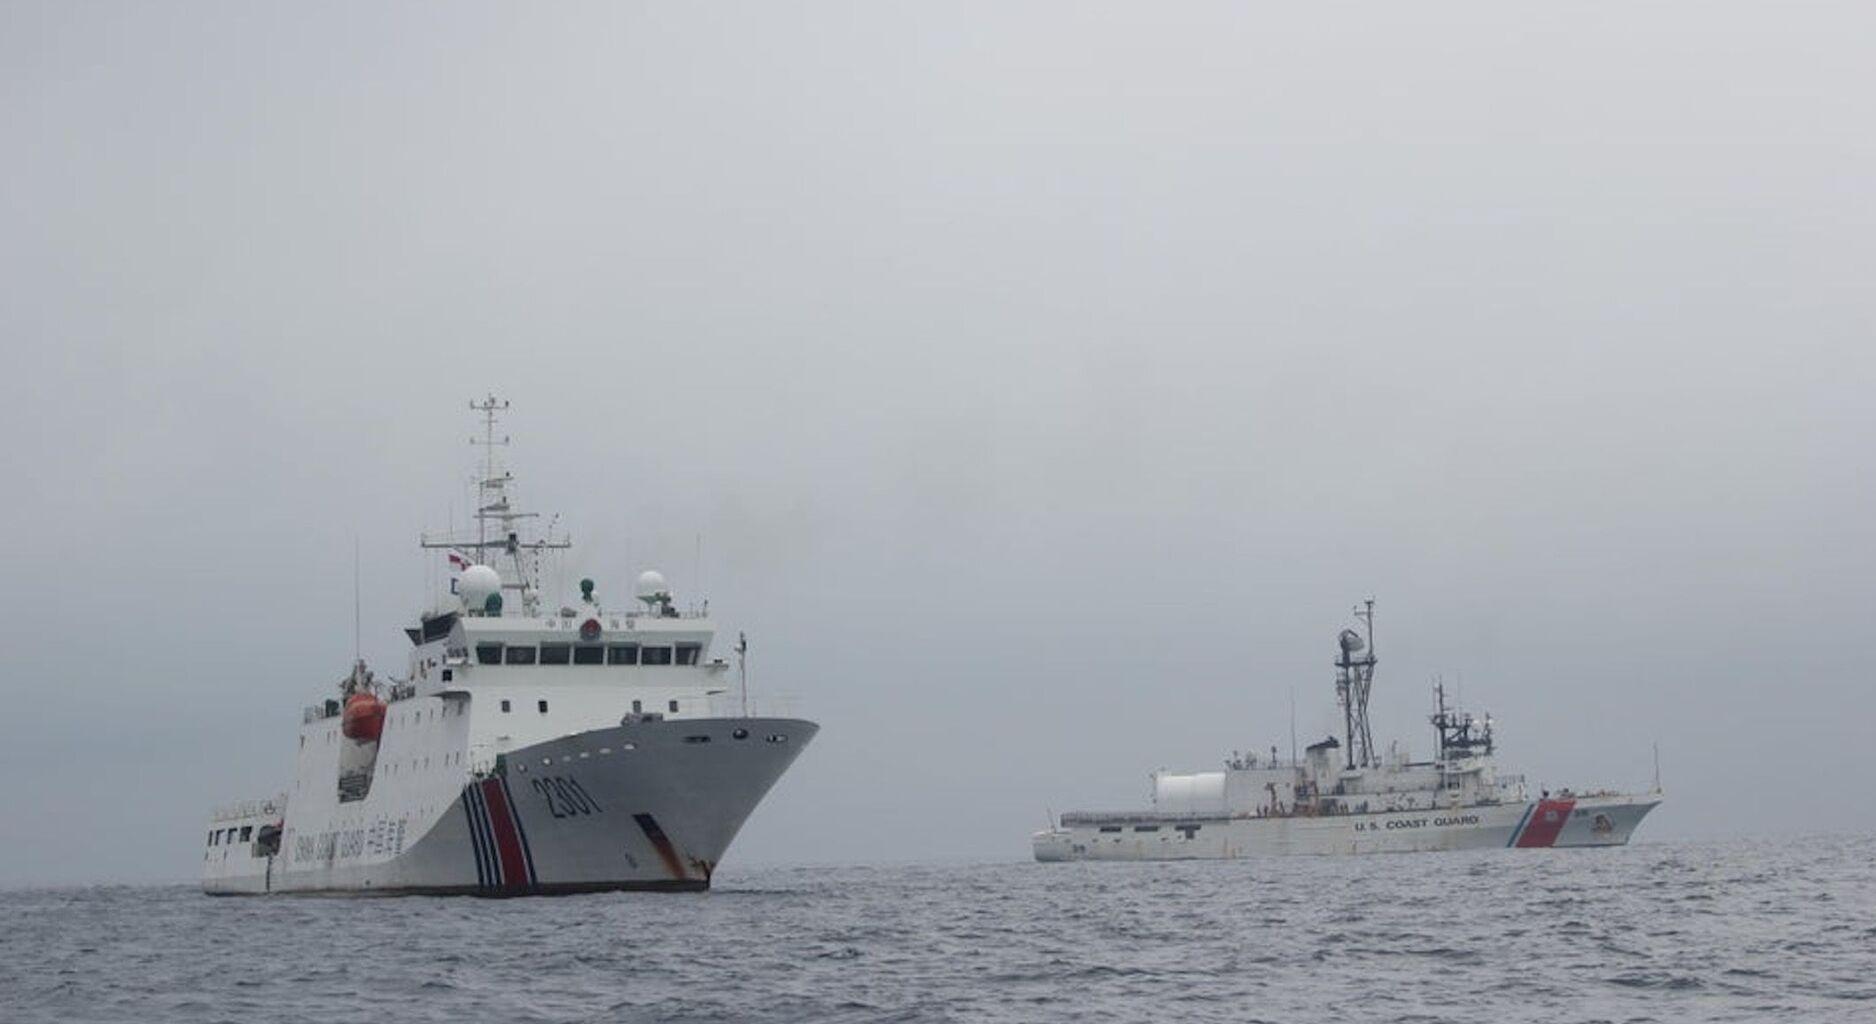 尖閣接近の中国巡視船を「射撃」してはいけない理由強がりの演出よりも、今やるべきことは他にある - 安全保障を考える